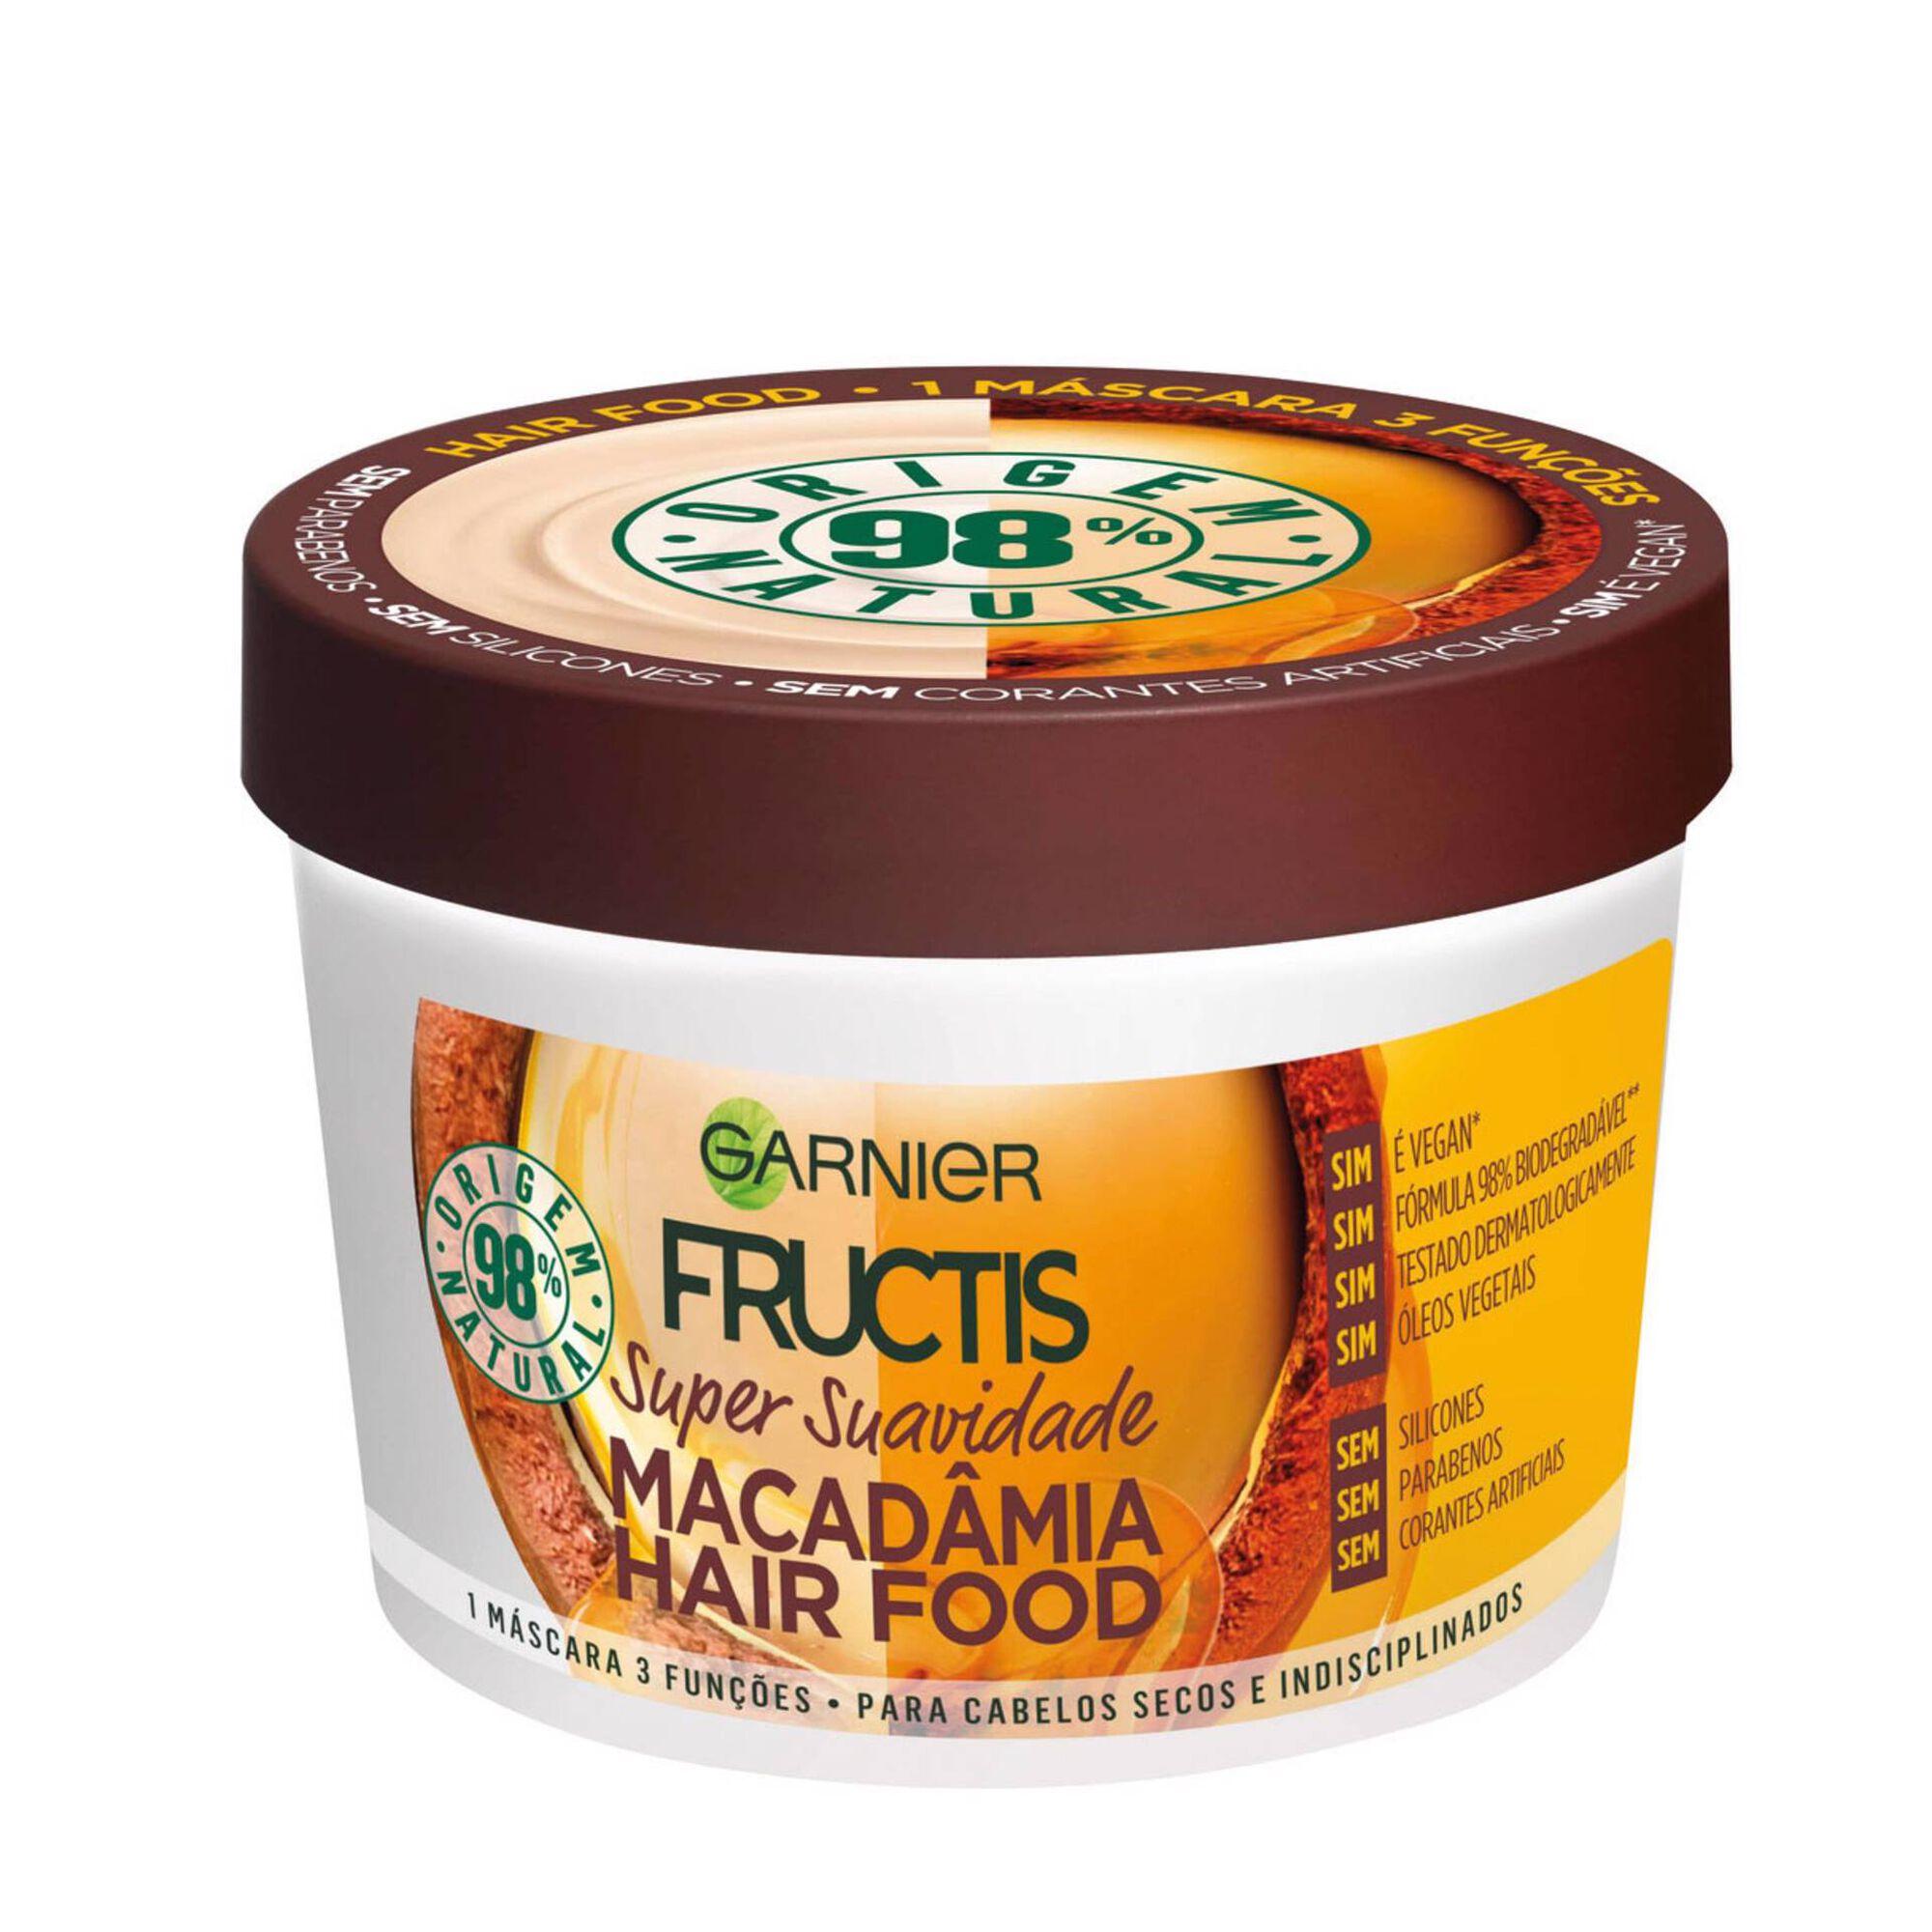 Máscara Cabelo Fructis Macadâmia Hair Food